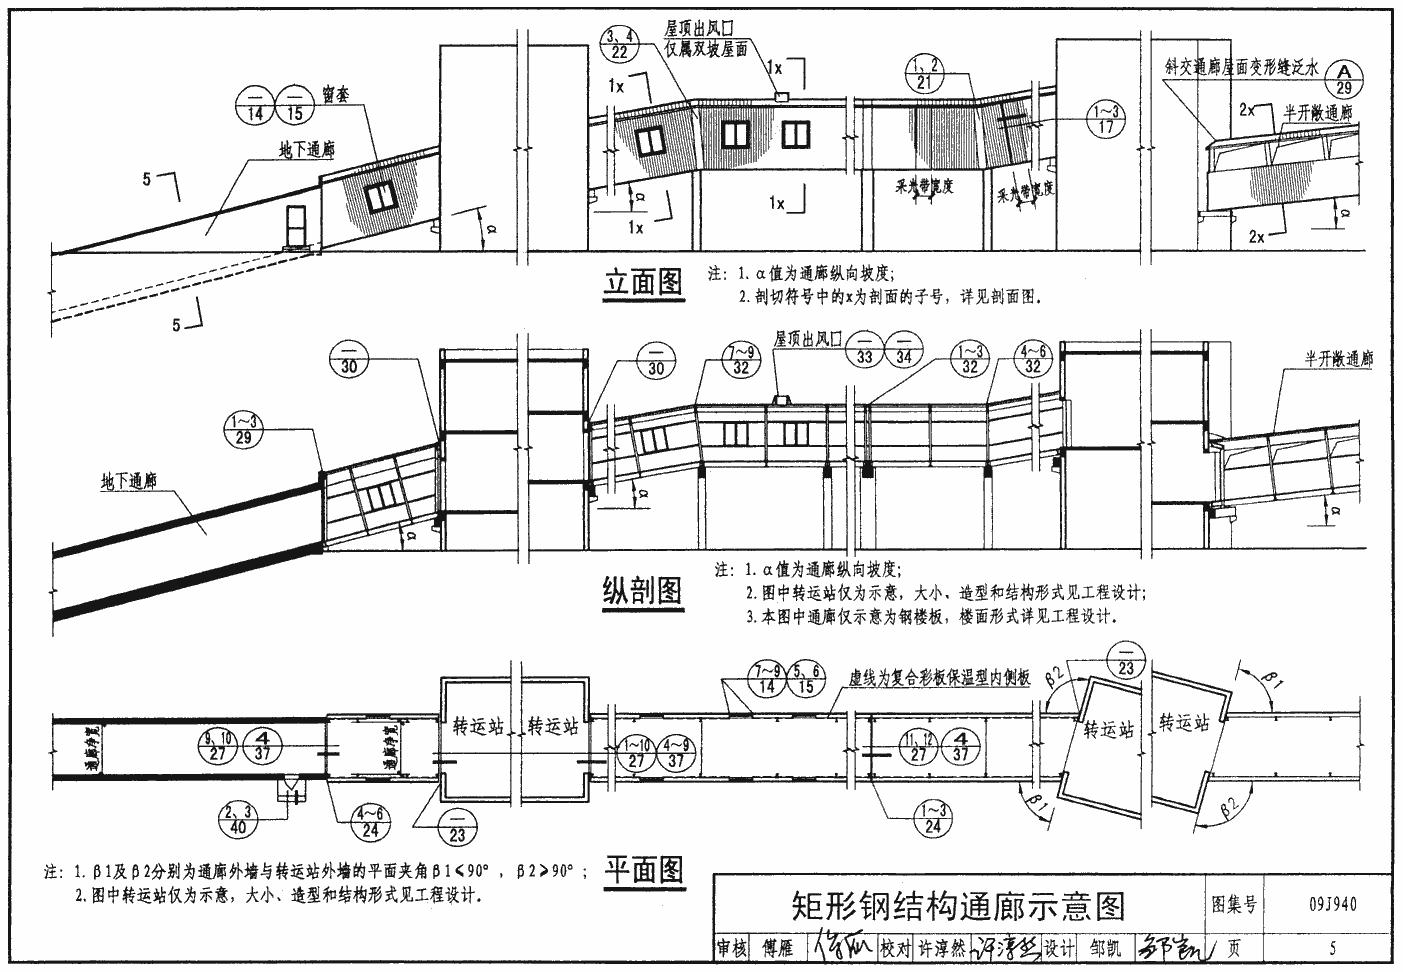 10 矩形钢结构通廊檐口,屋脊 11 矩形钢结构通廊窗套 14 拱形通廊窗套